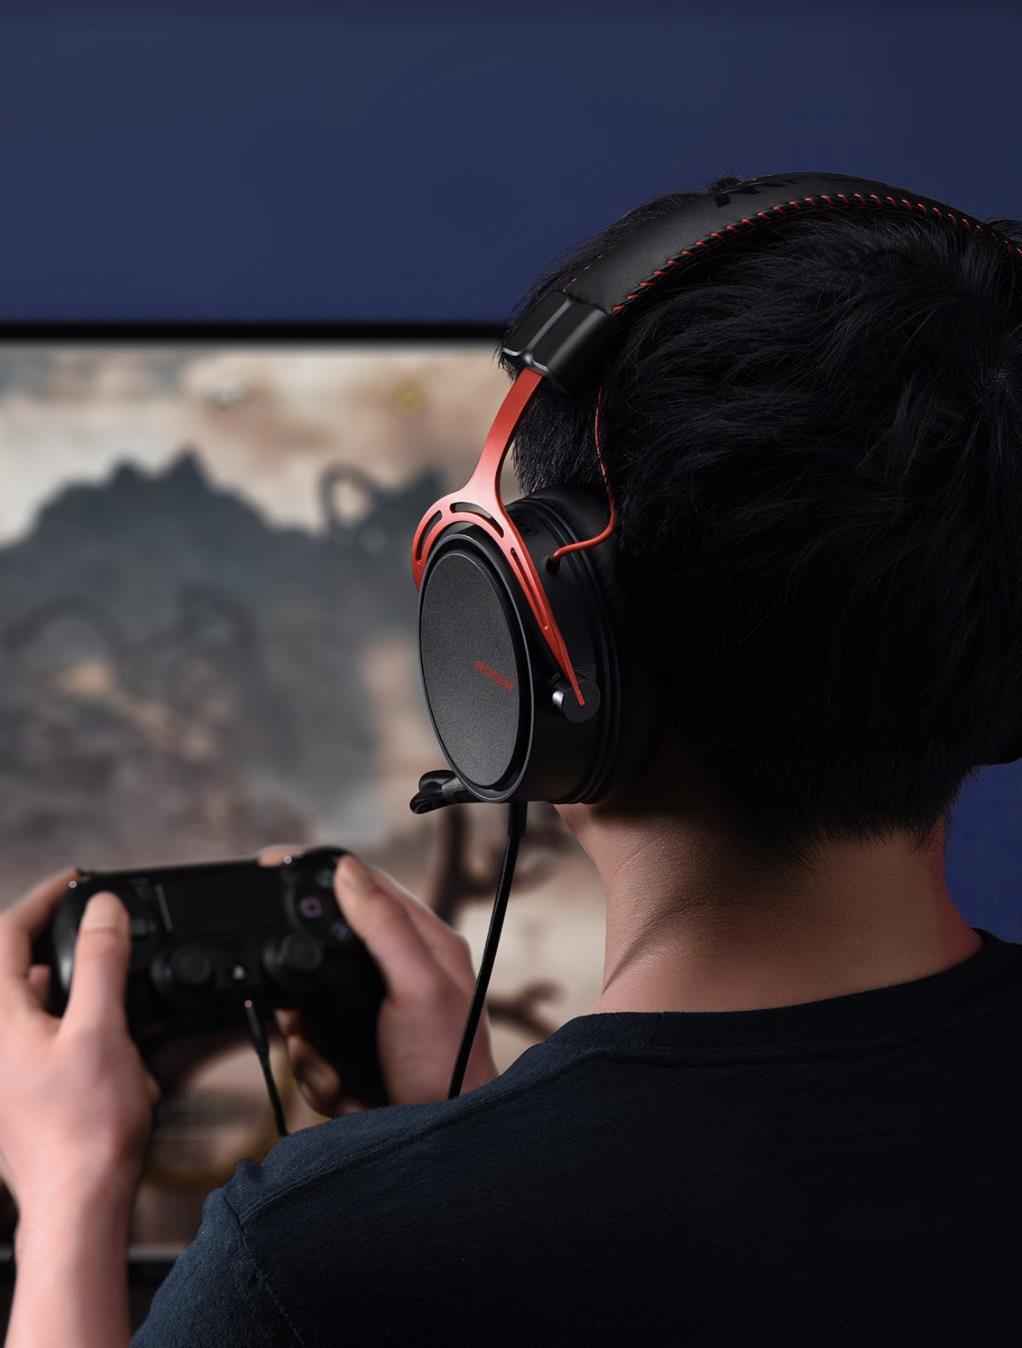 Giải mã MPOW AIR SE - Chiếc tai nghe của thương hiệu headphone bán chạy hàng đầu Amazon - Ảnh 2.